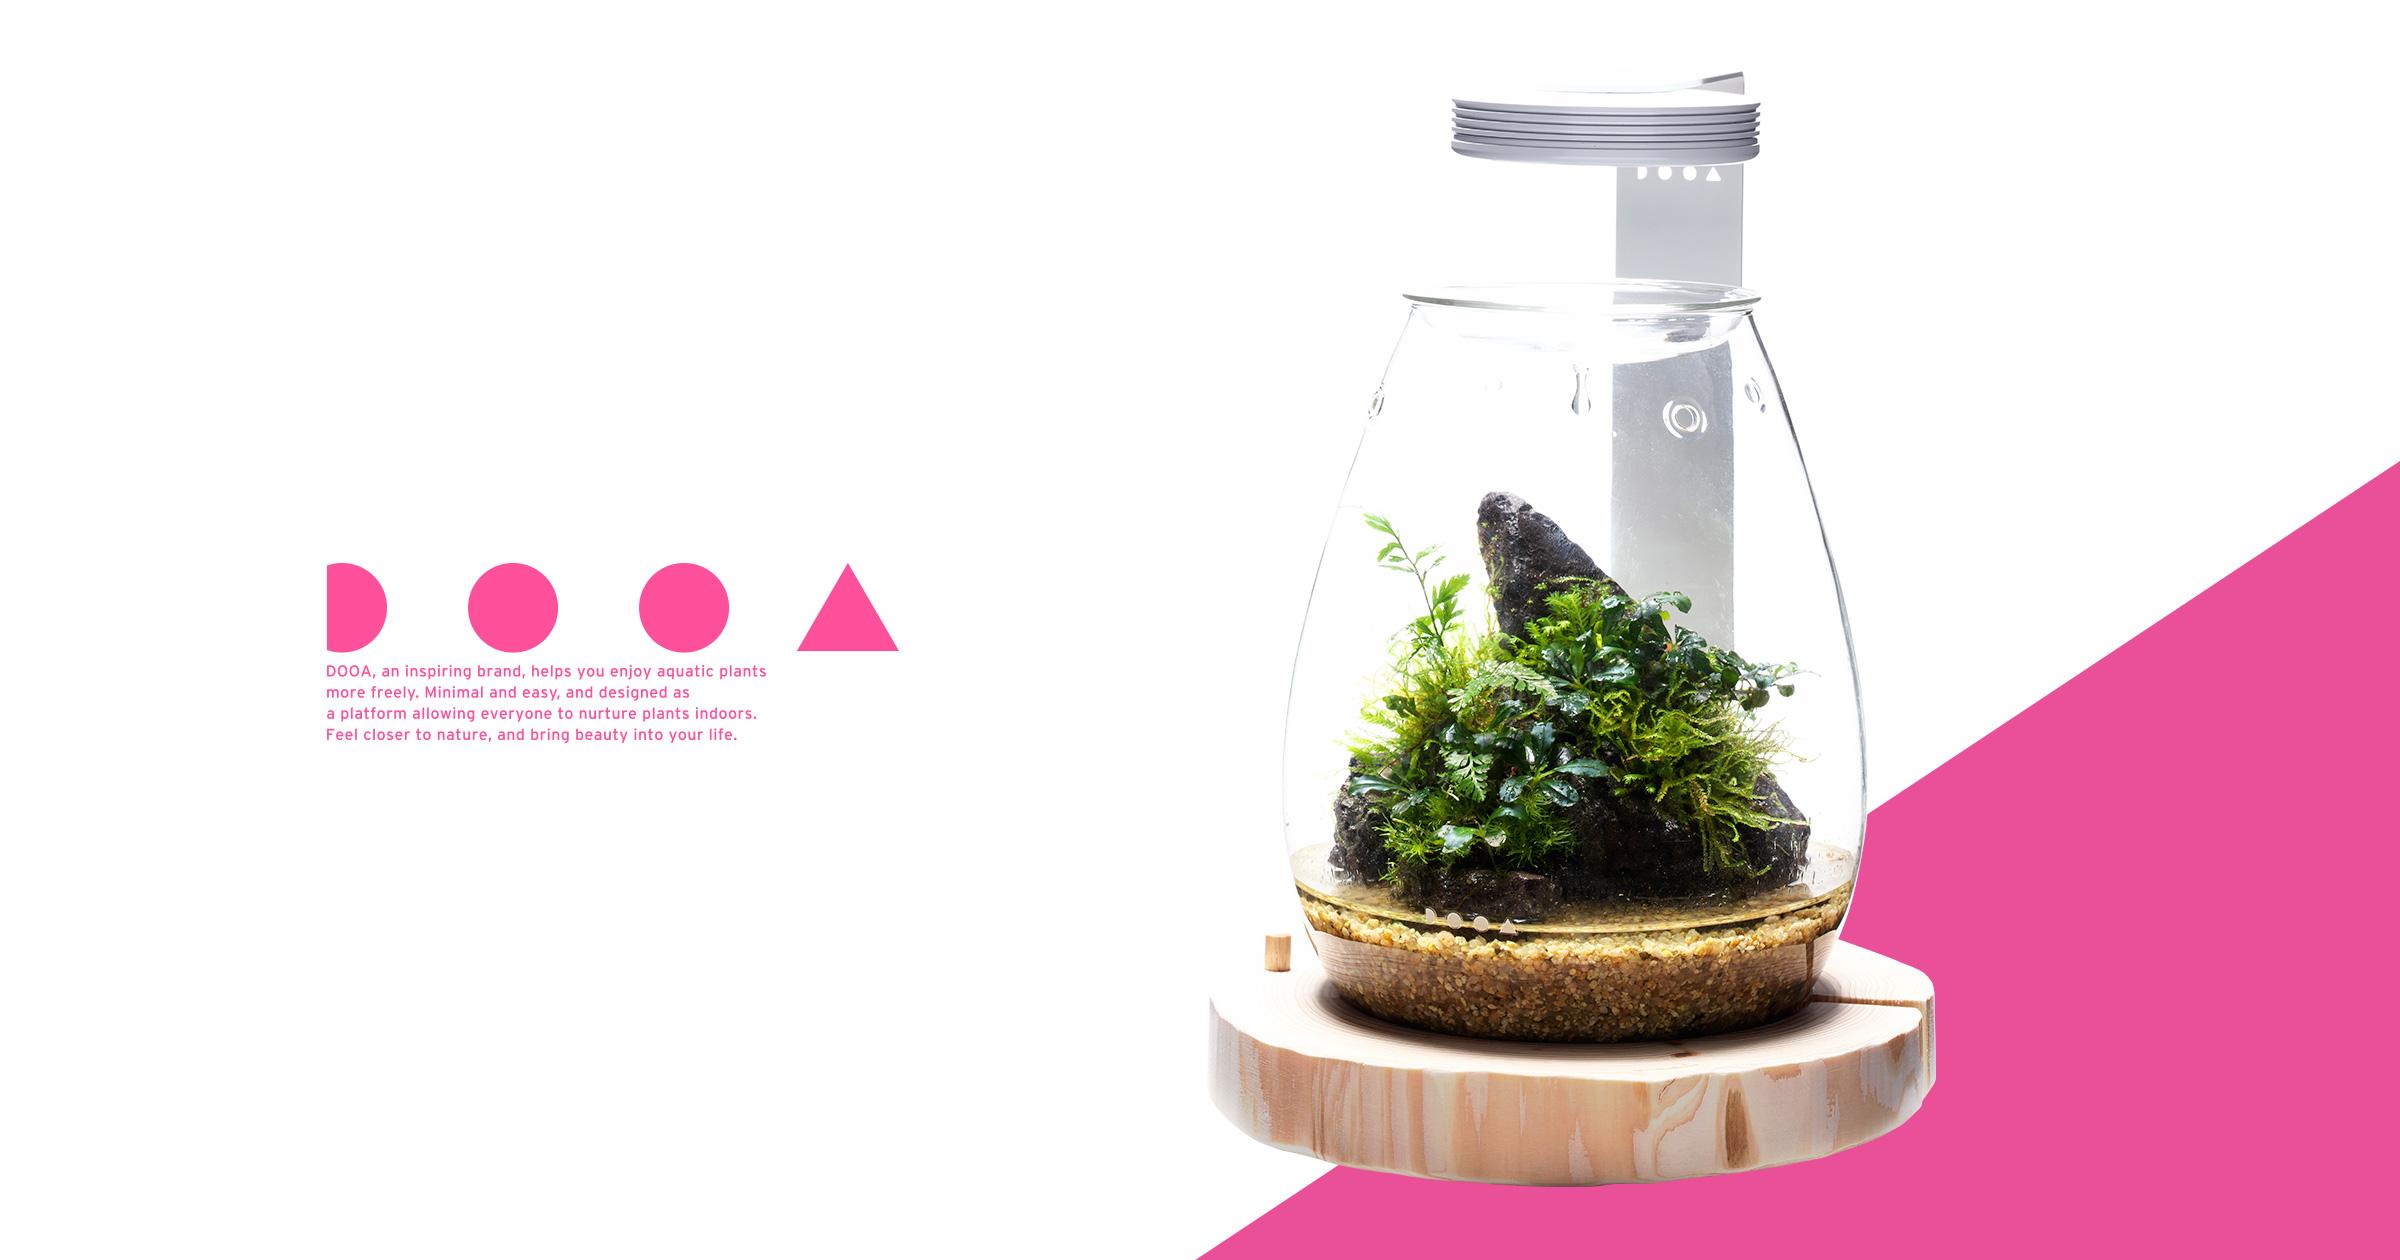 DOOA GLASS POT SHIZUKU 「心身を癒す森の力を新たなカタチに」